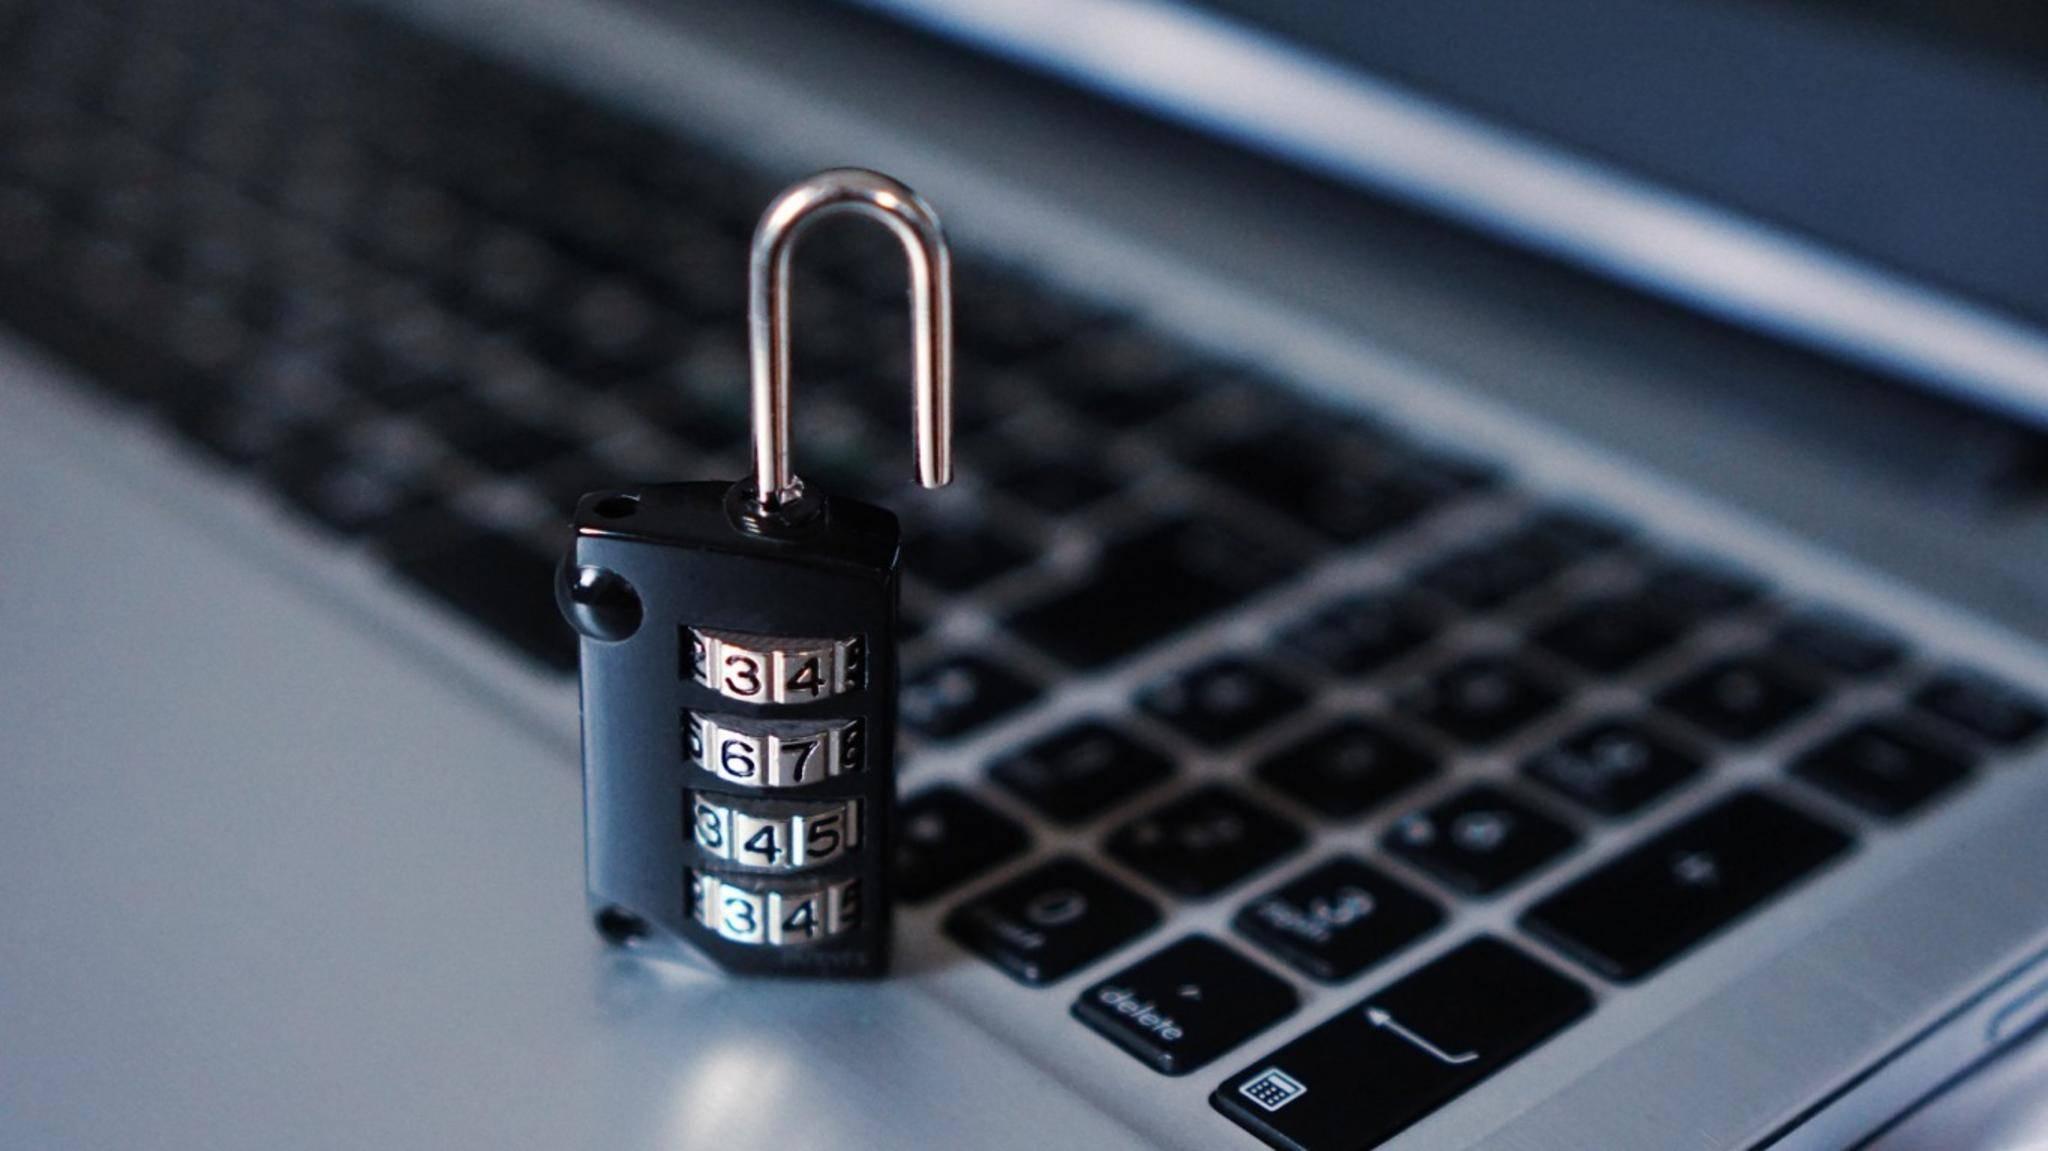 Unsichere Passwörter bleiben ein Problem.